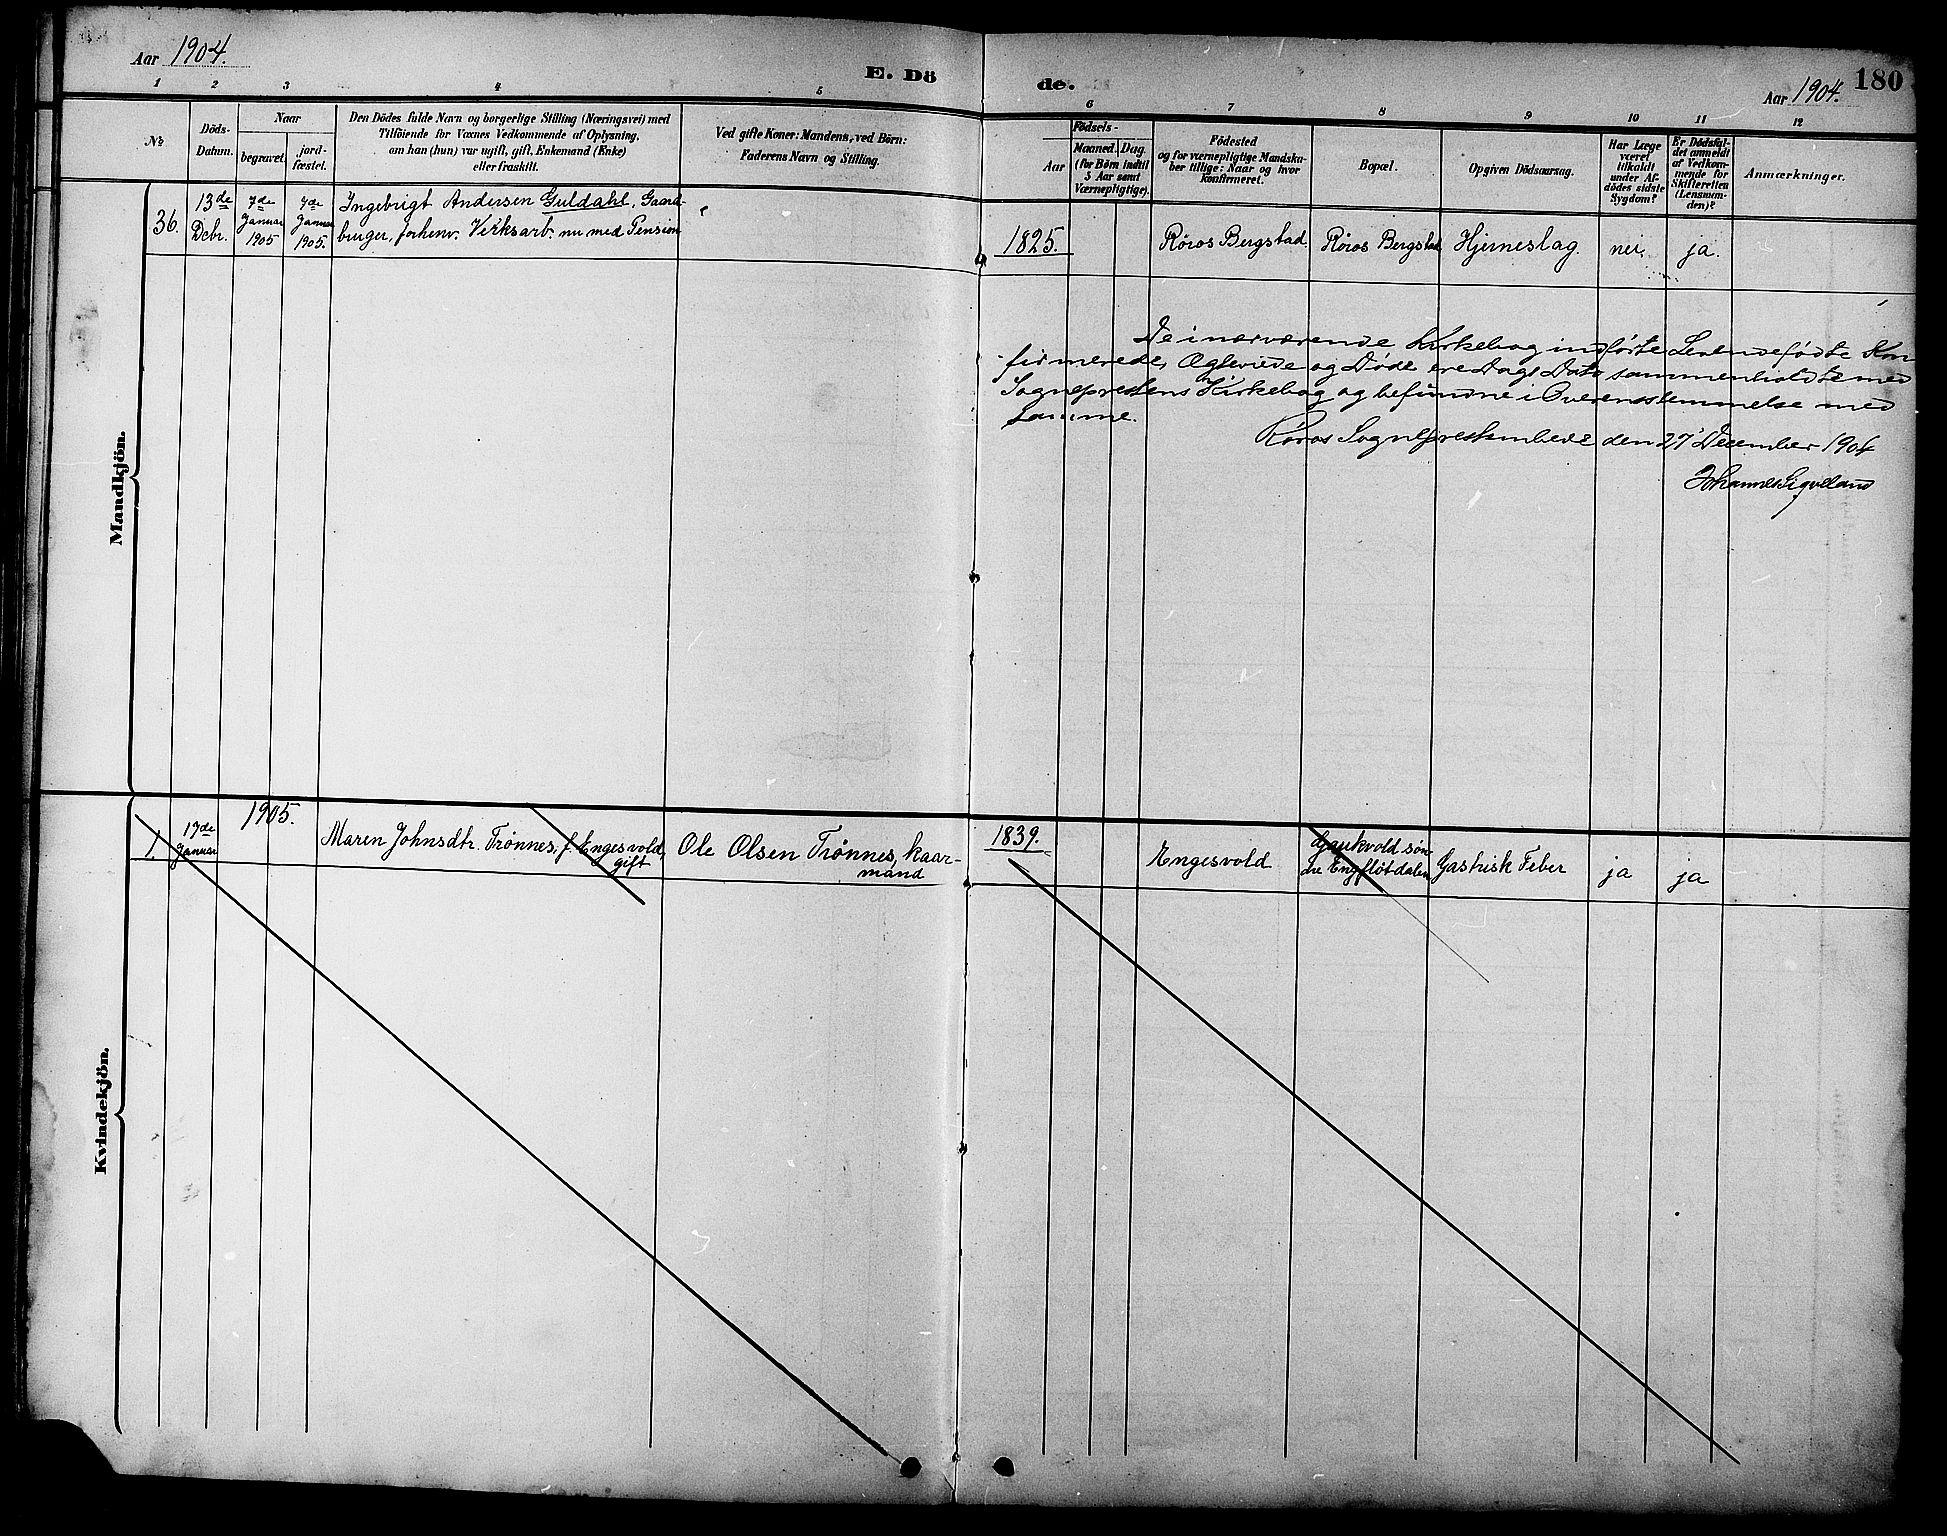 SAT, Ministerialprotokoller, klokkerbøker og fødselsregistre - Sør-Trøndelag, 681/L0941: Klokkerbok nr. 681C05, 1896-1905, s. 180